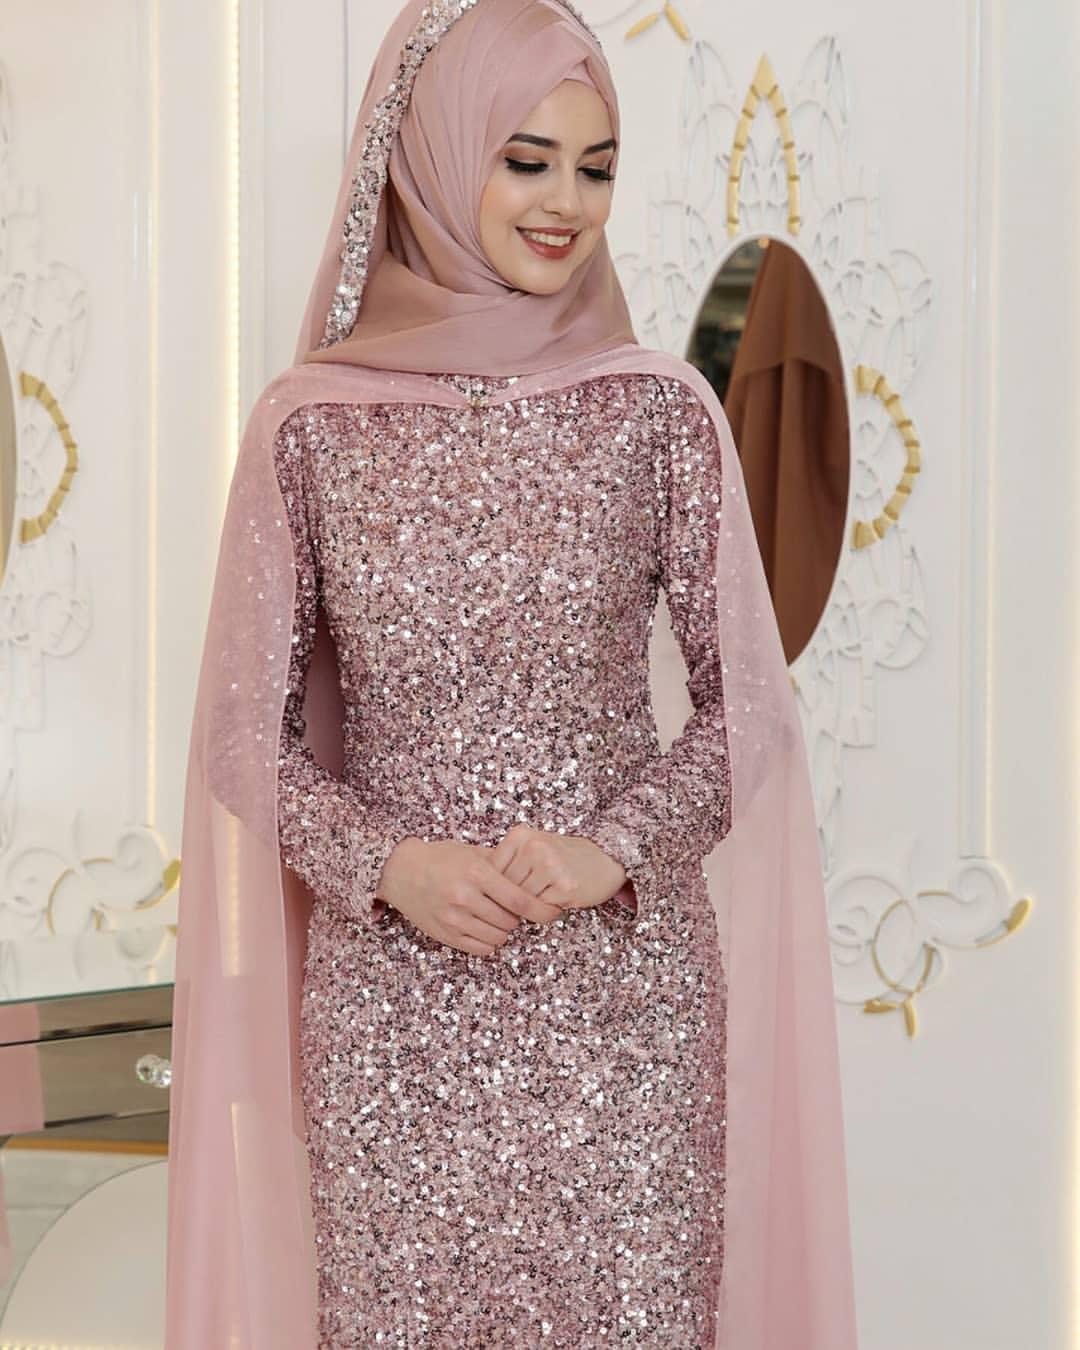 1723854754597017934 2021876026 - 2018 Pınar Şems Abiye Modelleri